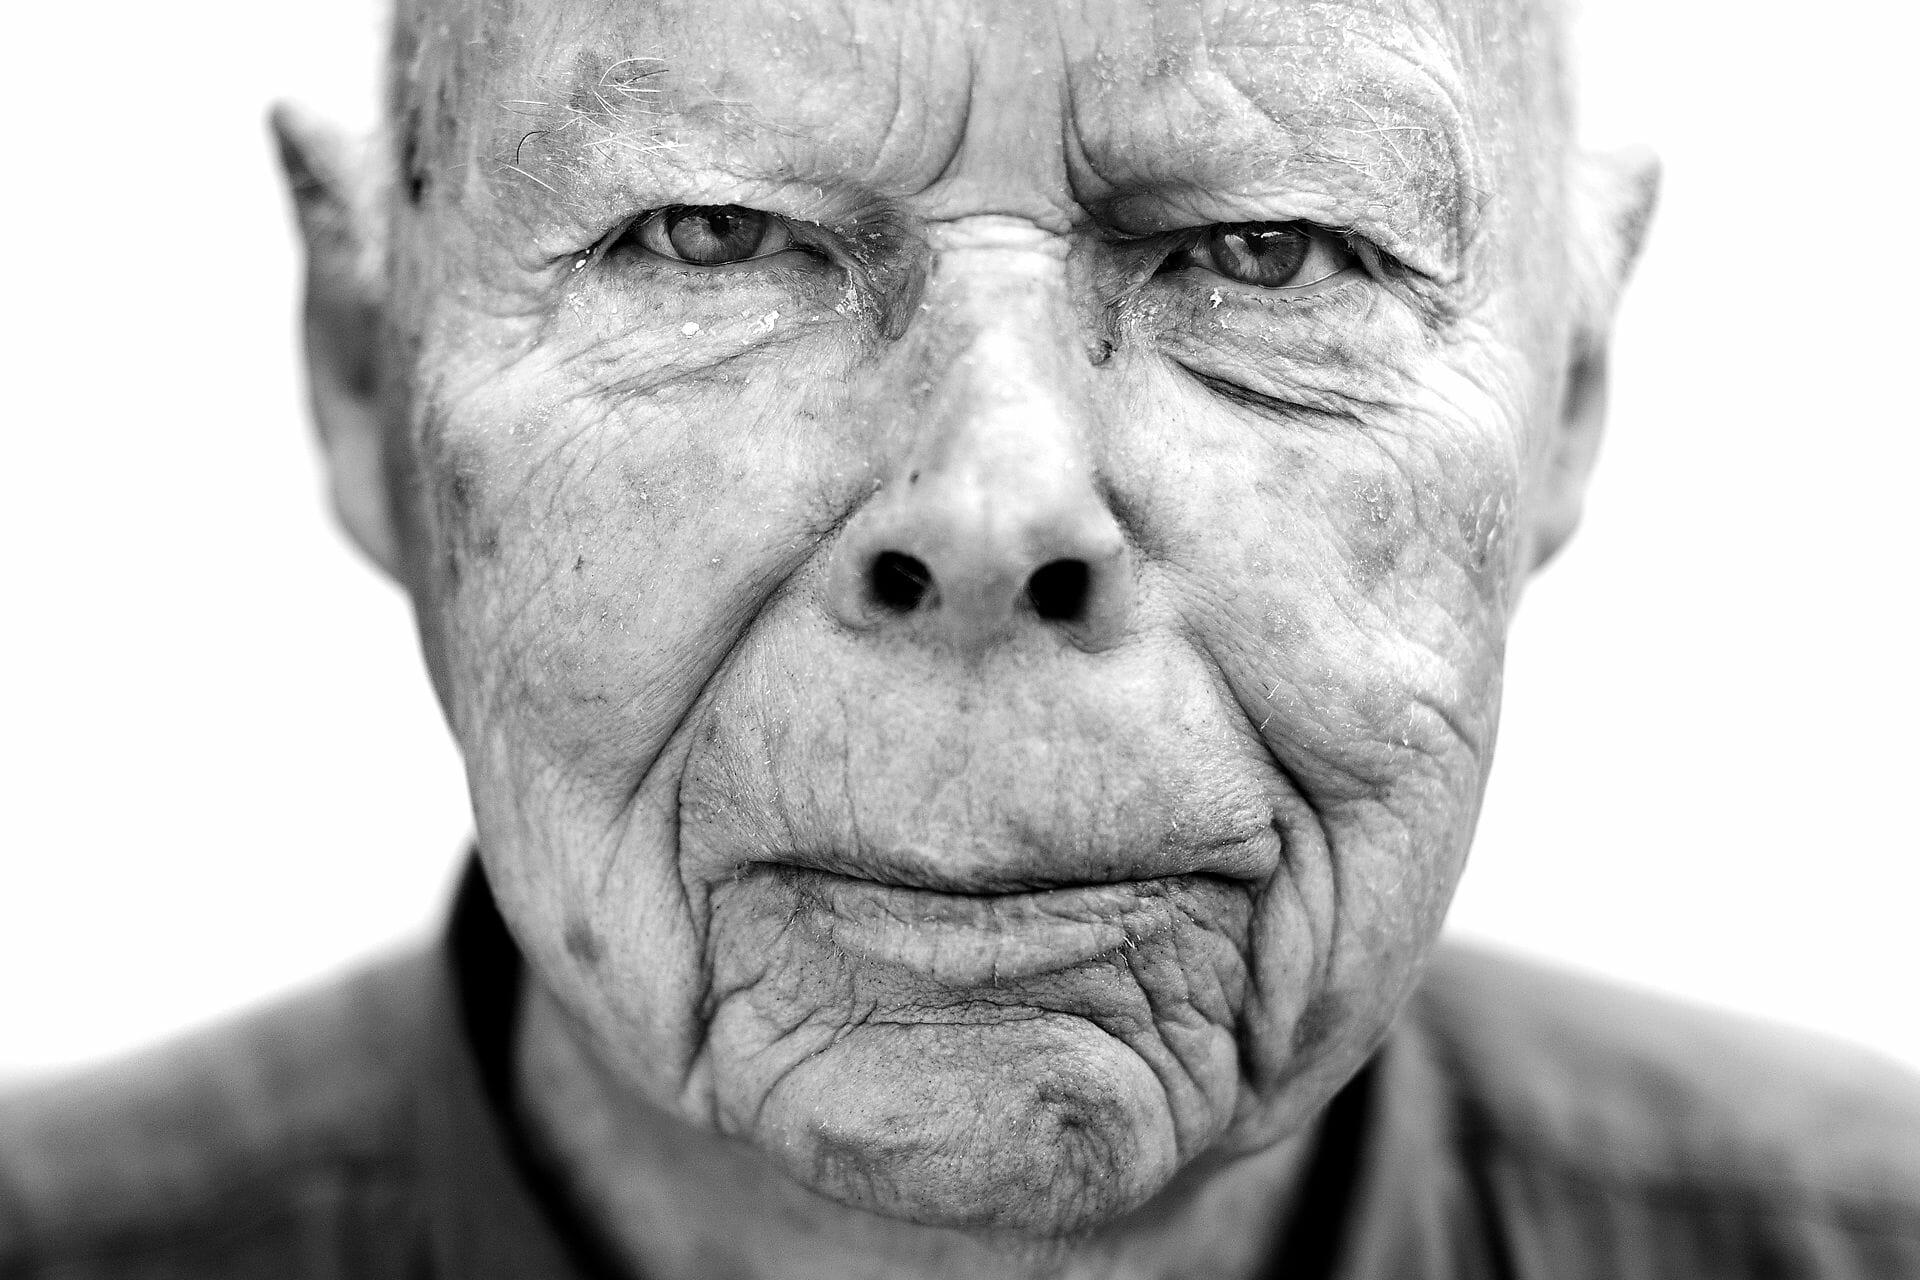 Frihedskæmper politianmeldt for 73 år gammelt dobbeltdrab